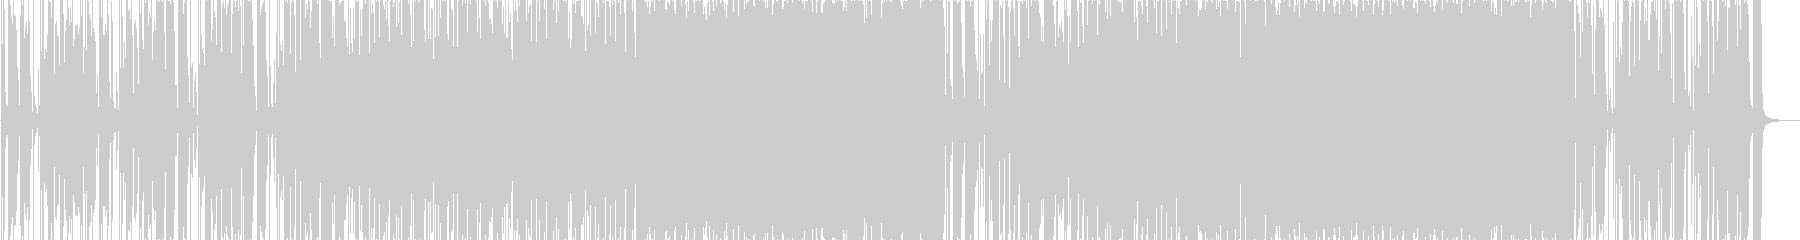 ハードロック、ポジティブの未再生の波形